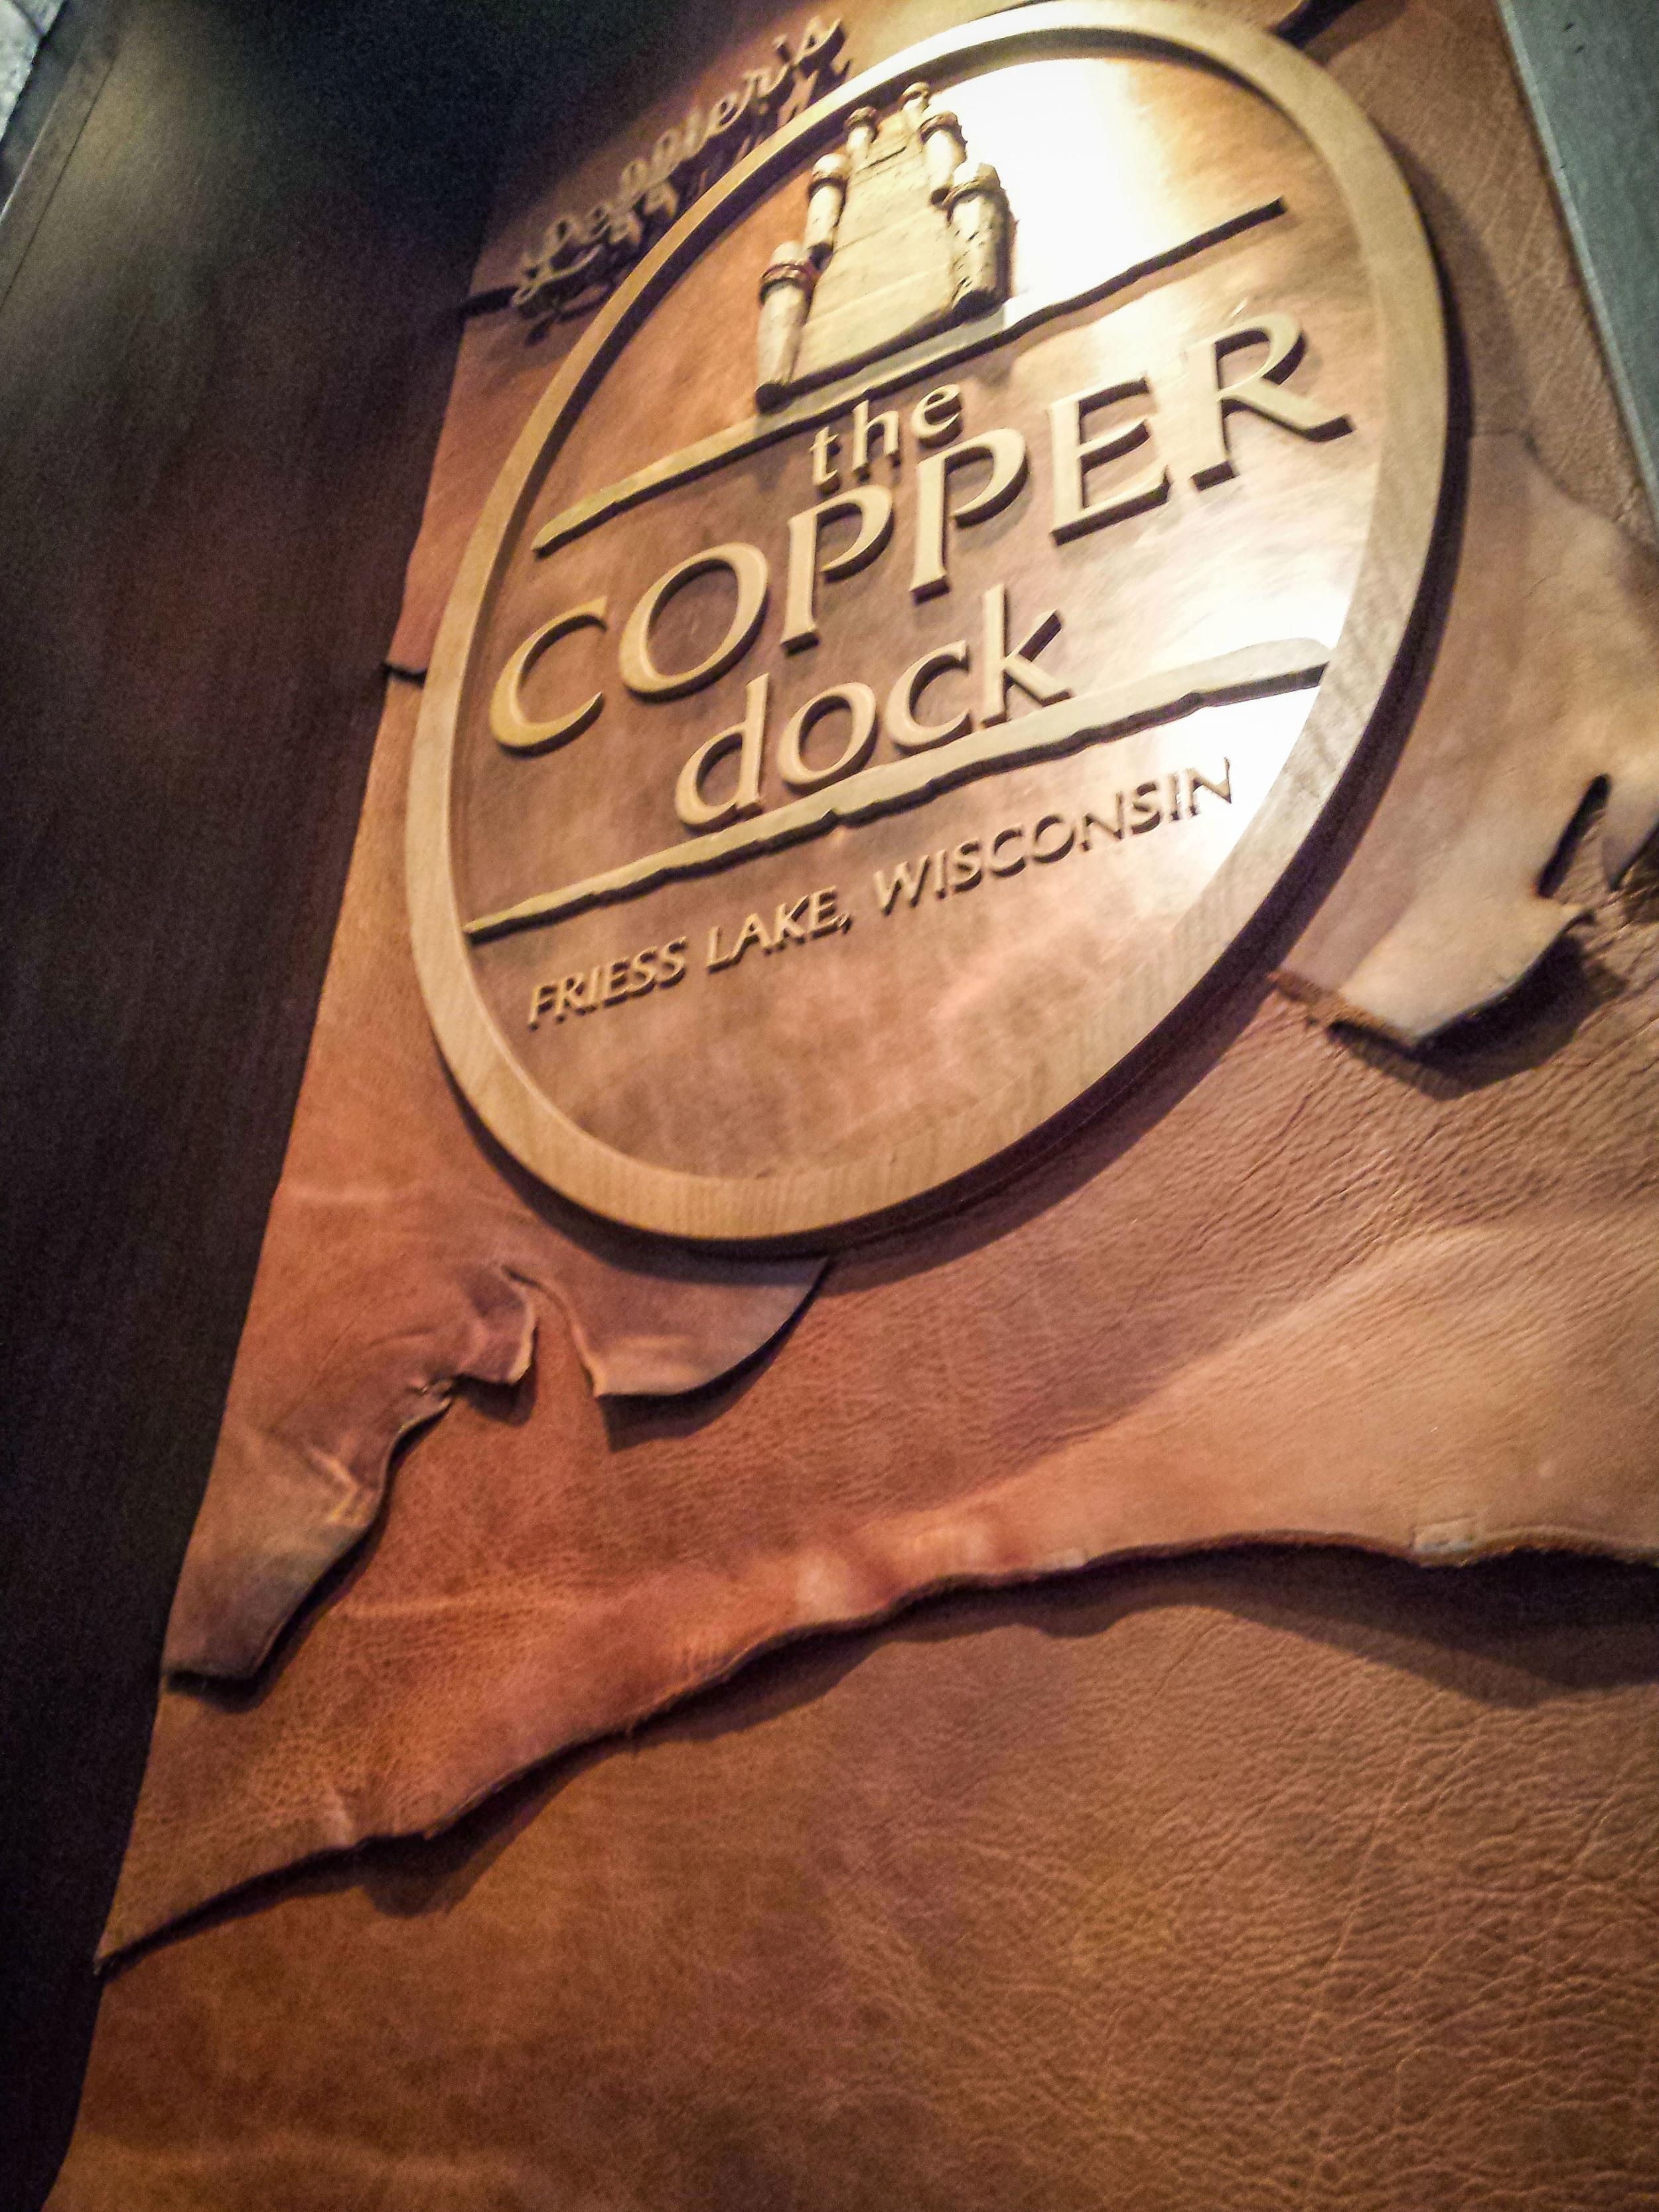 Copper Dock Signage